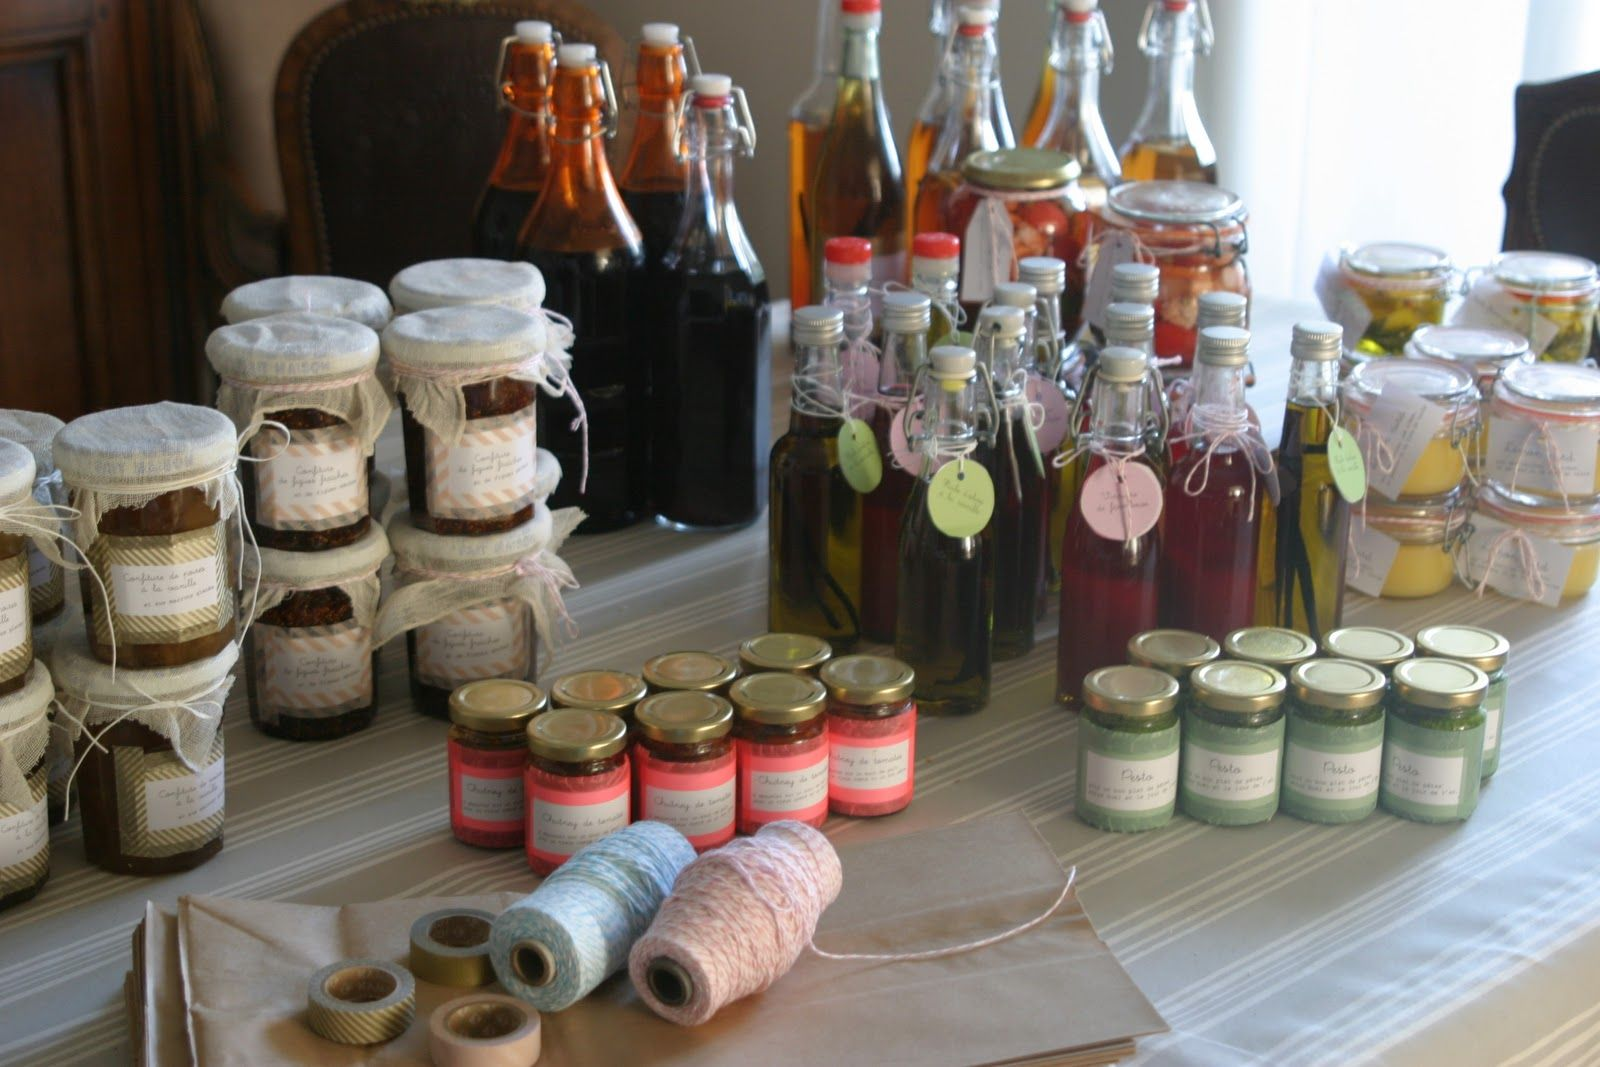 Cadeaux gourmands faits maison pour Noël   So We ! | Idee cadeau